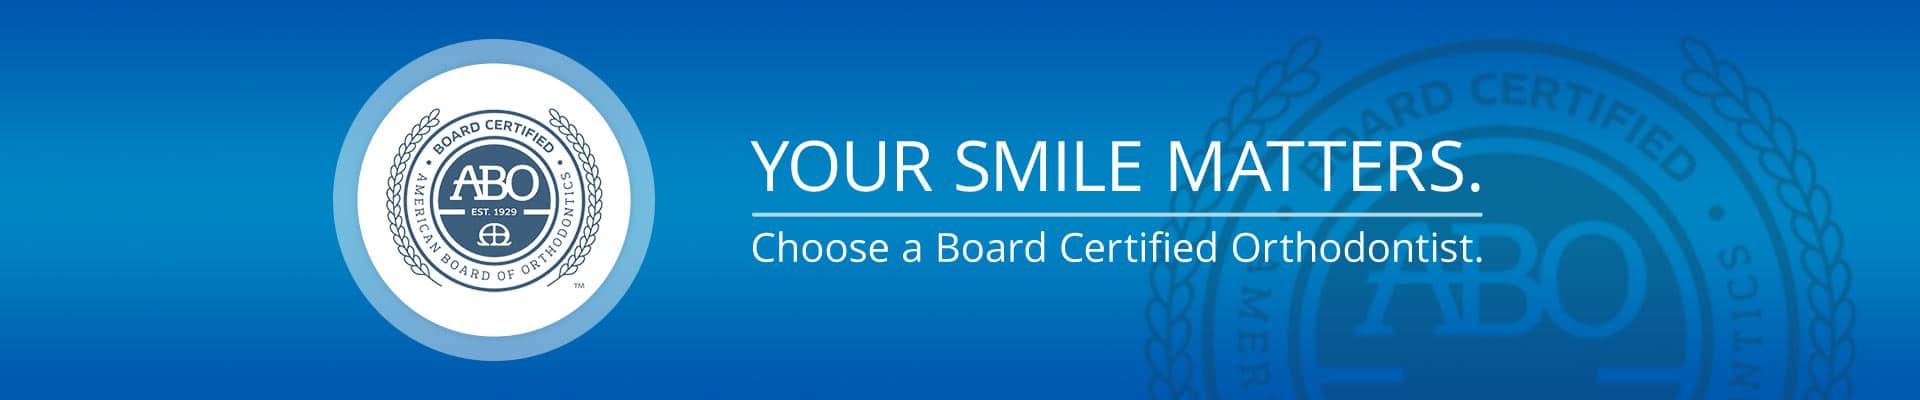 ABO Kadan Orthodontics in Doylestown, Chalfont, Harleysville PA